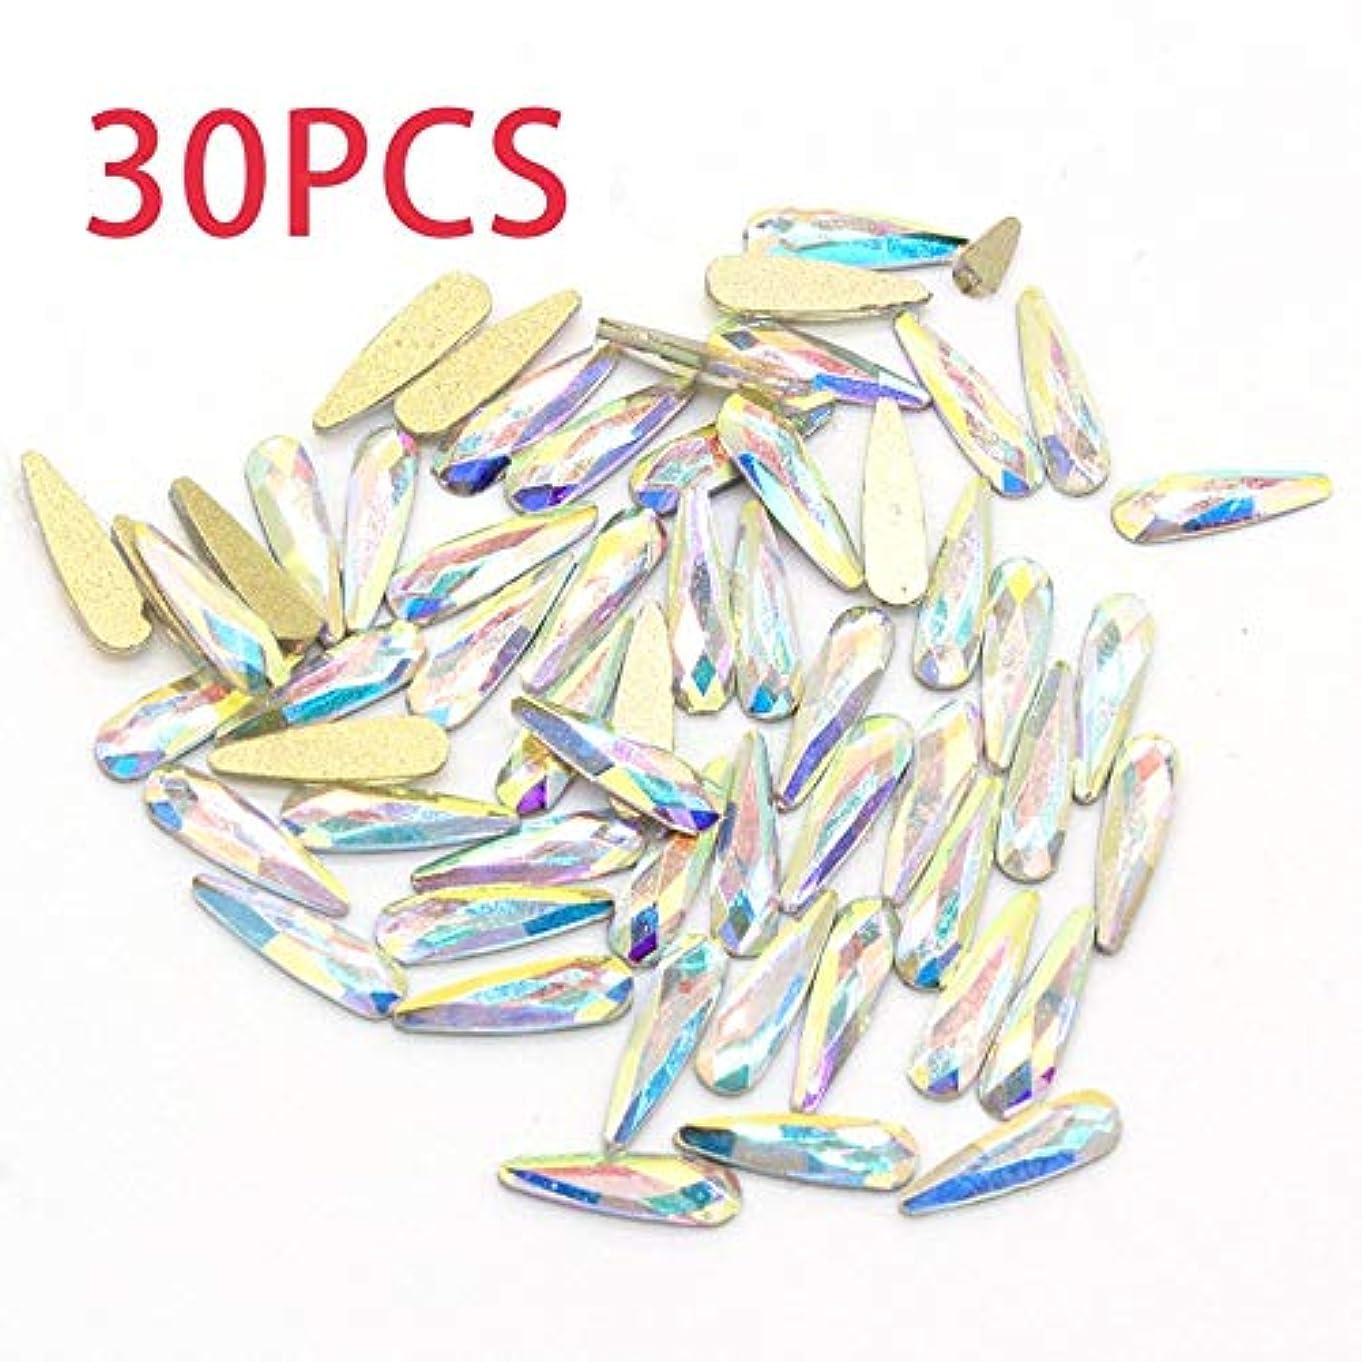 保有者型資格AAcreatspaceネイルクリスタルジェムラインストーンネイル3DネイルアートデコレーションフラットバックドロップガラスストラスストーンジュエリーABダイヤモンドDIY